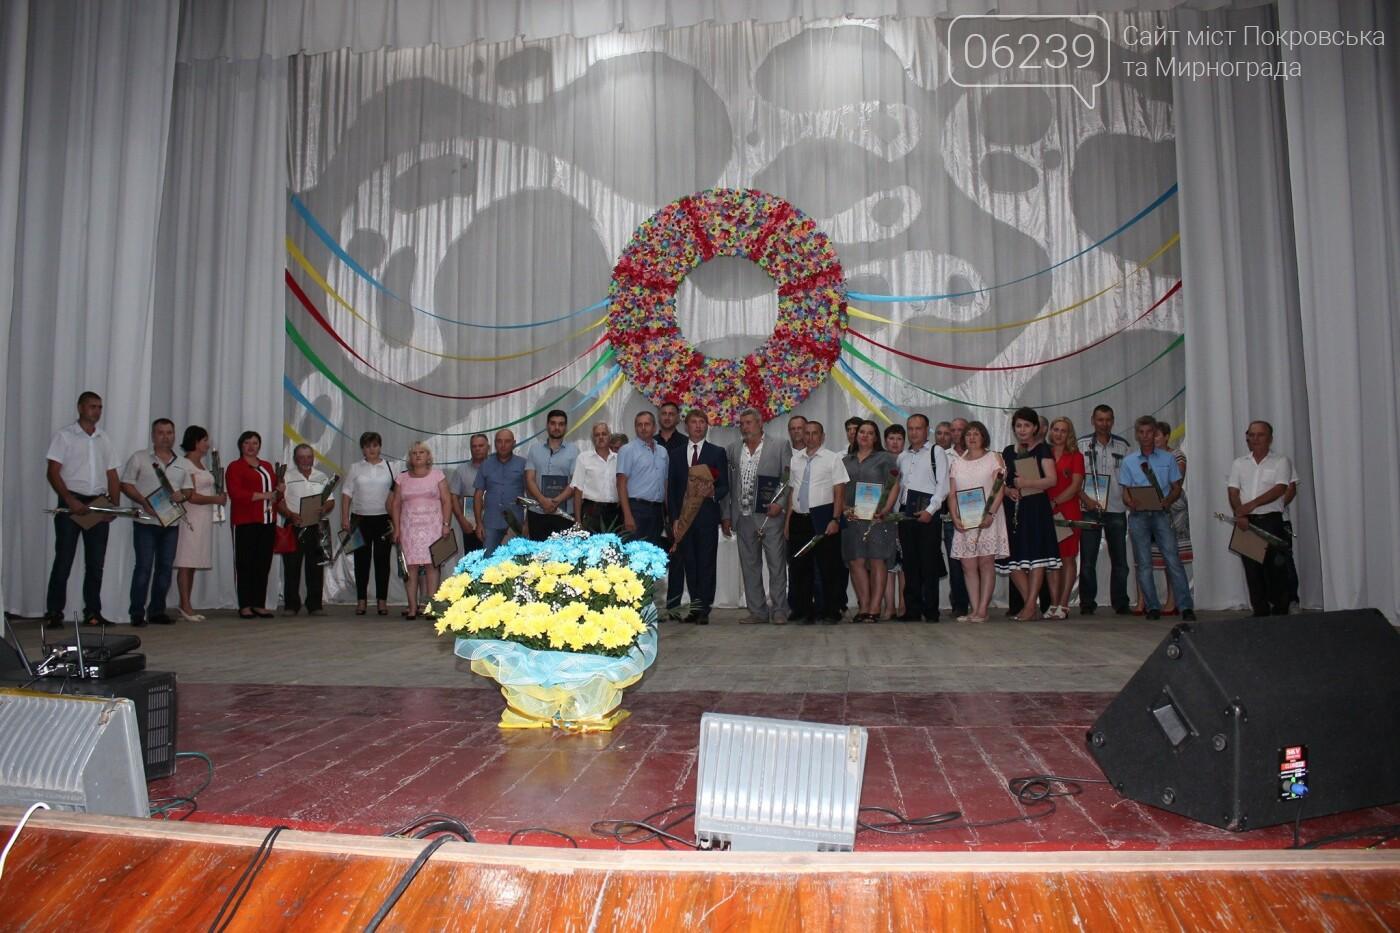 Жителей Мирнограда поздравили с Днем независимости Украины, Днем шахтера и Днем города, фото-4